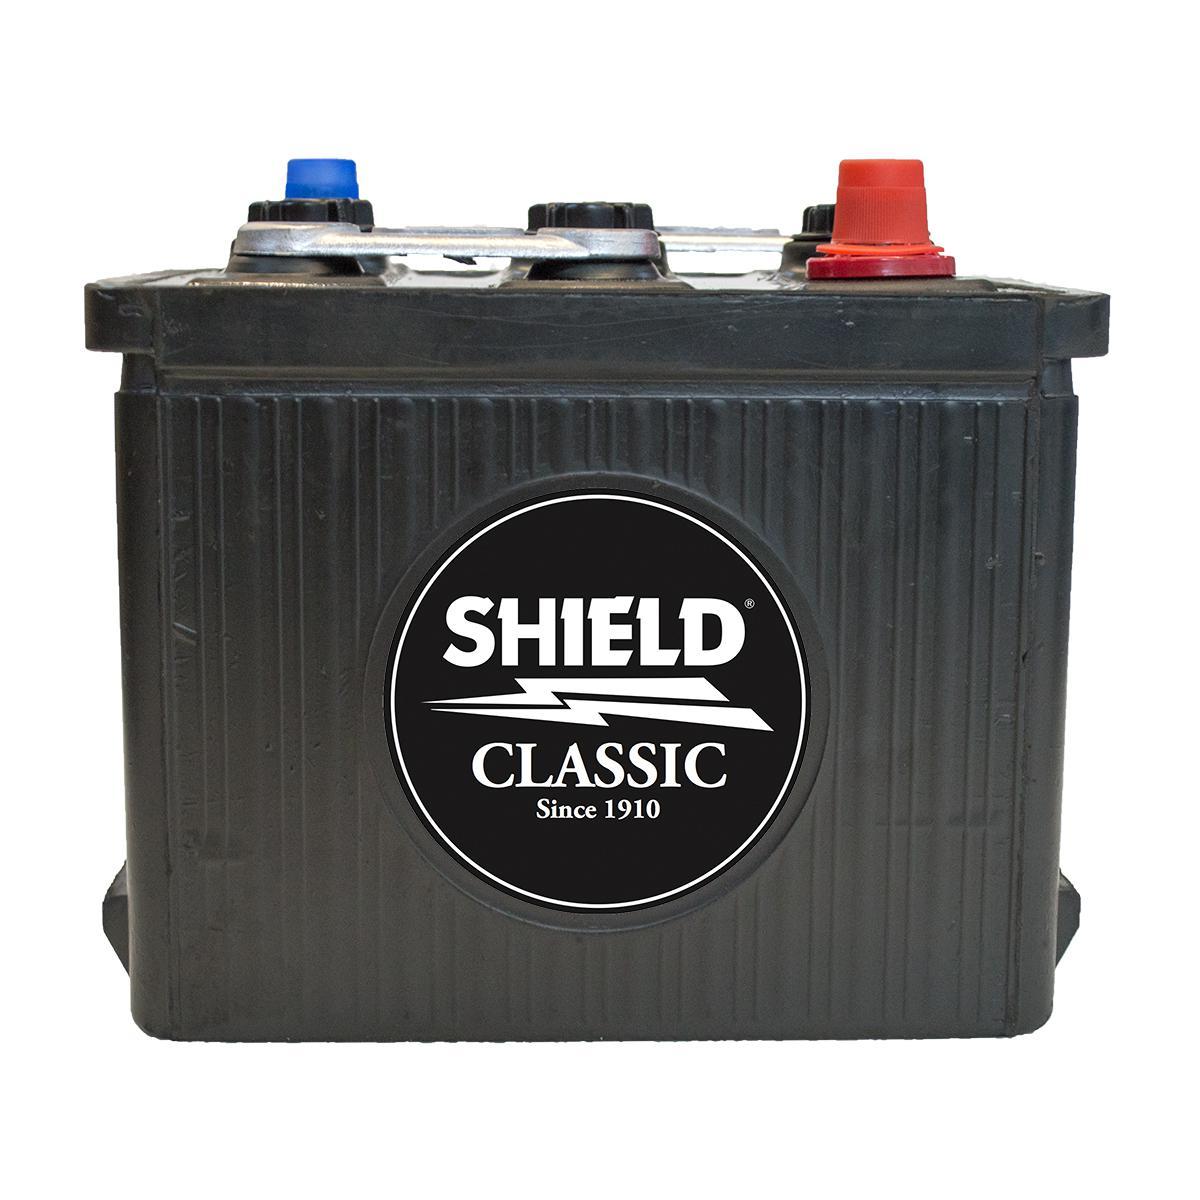 shield 404 6v classic car battery. Black Bedroom Furniture Sets. Home Design Ideas